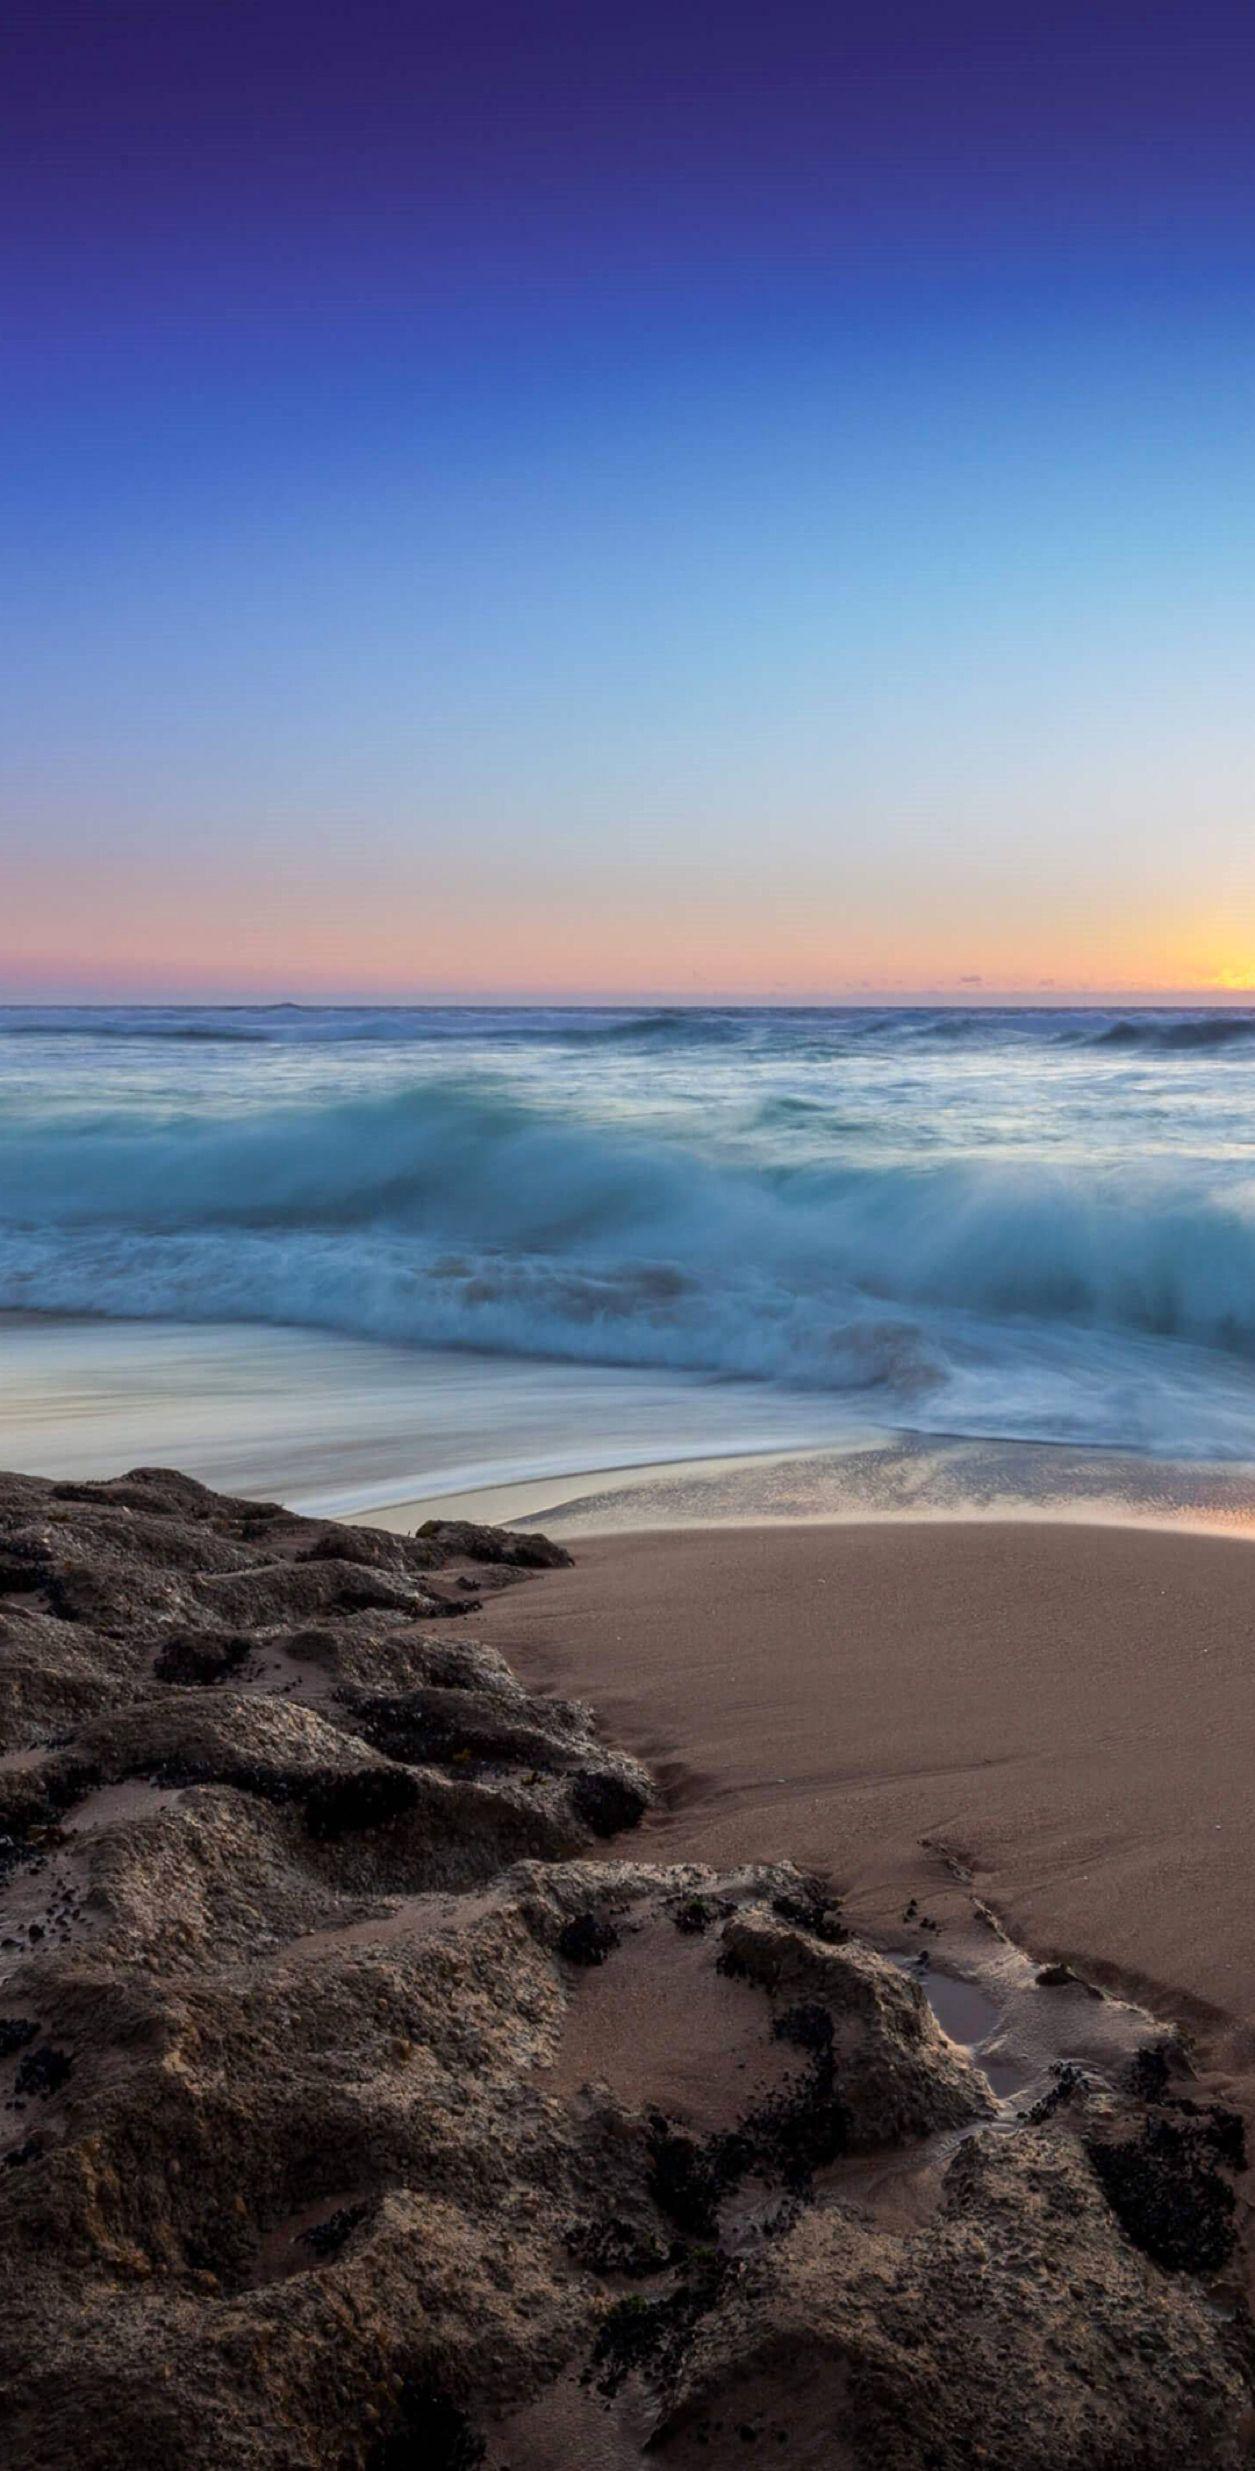 s8 wallpaper backgrounds nature aqua ocean beach